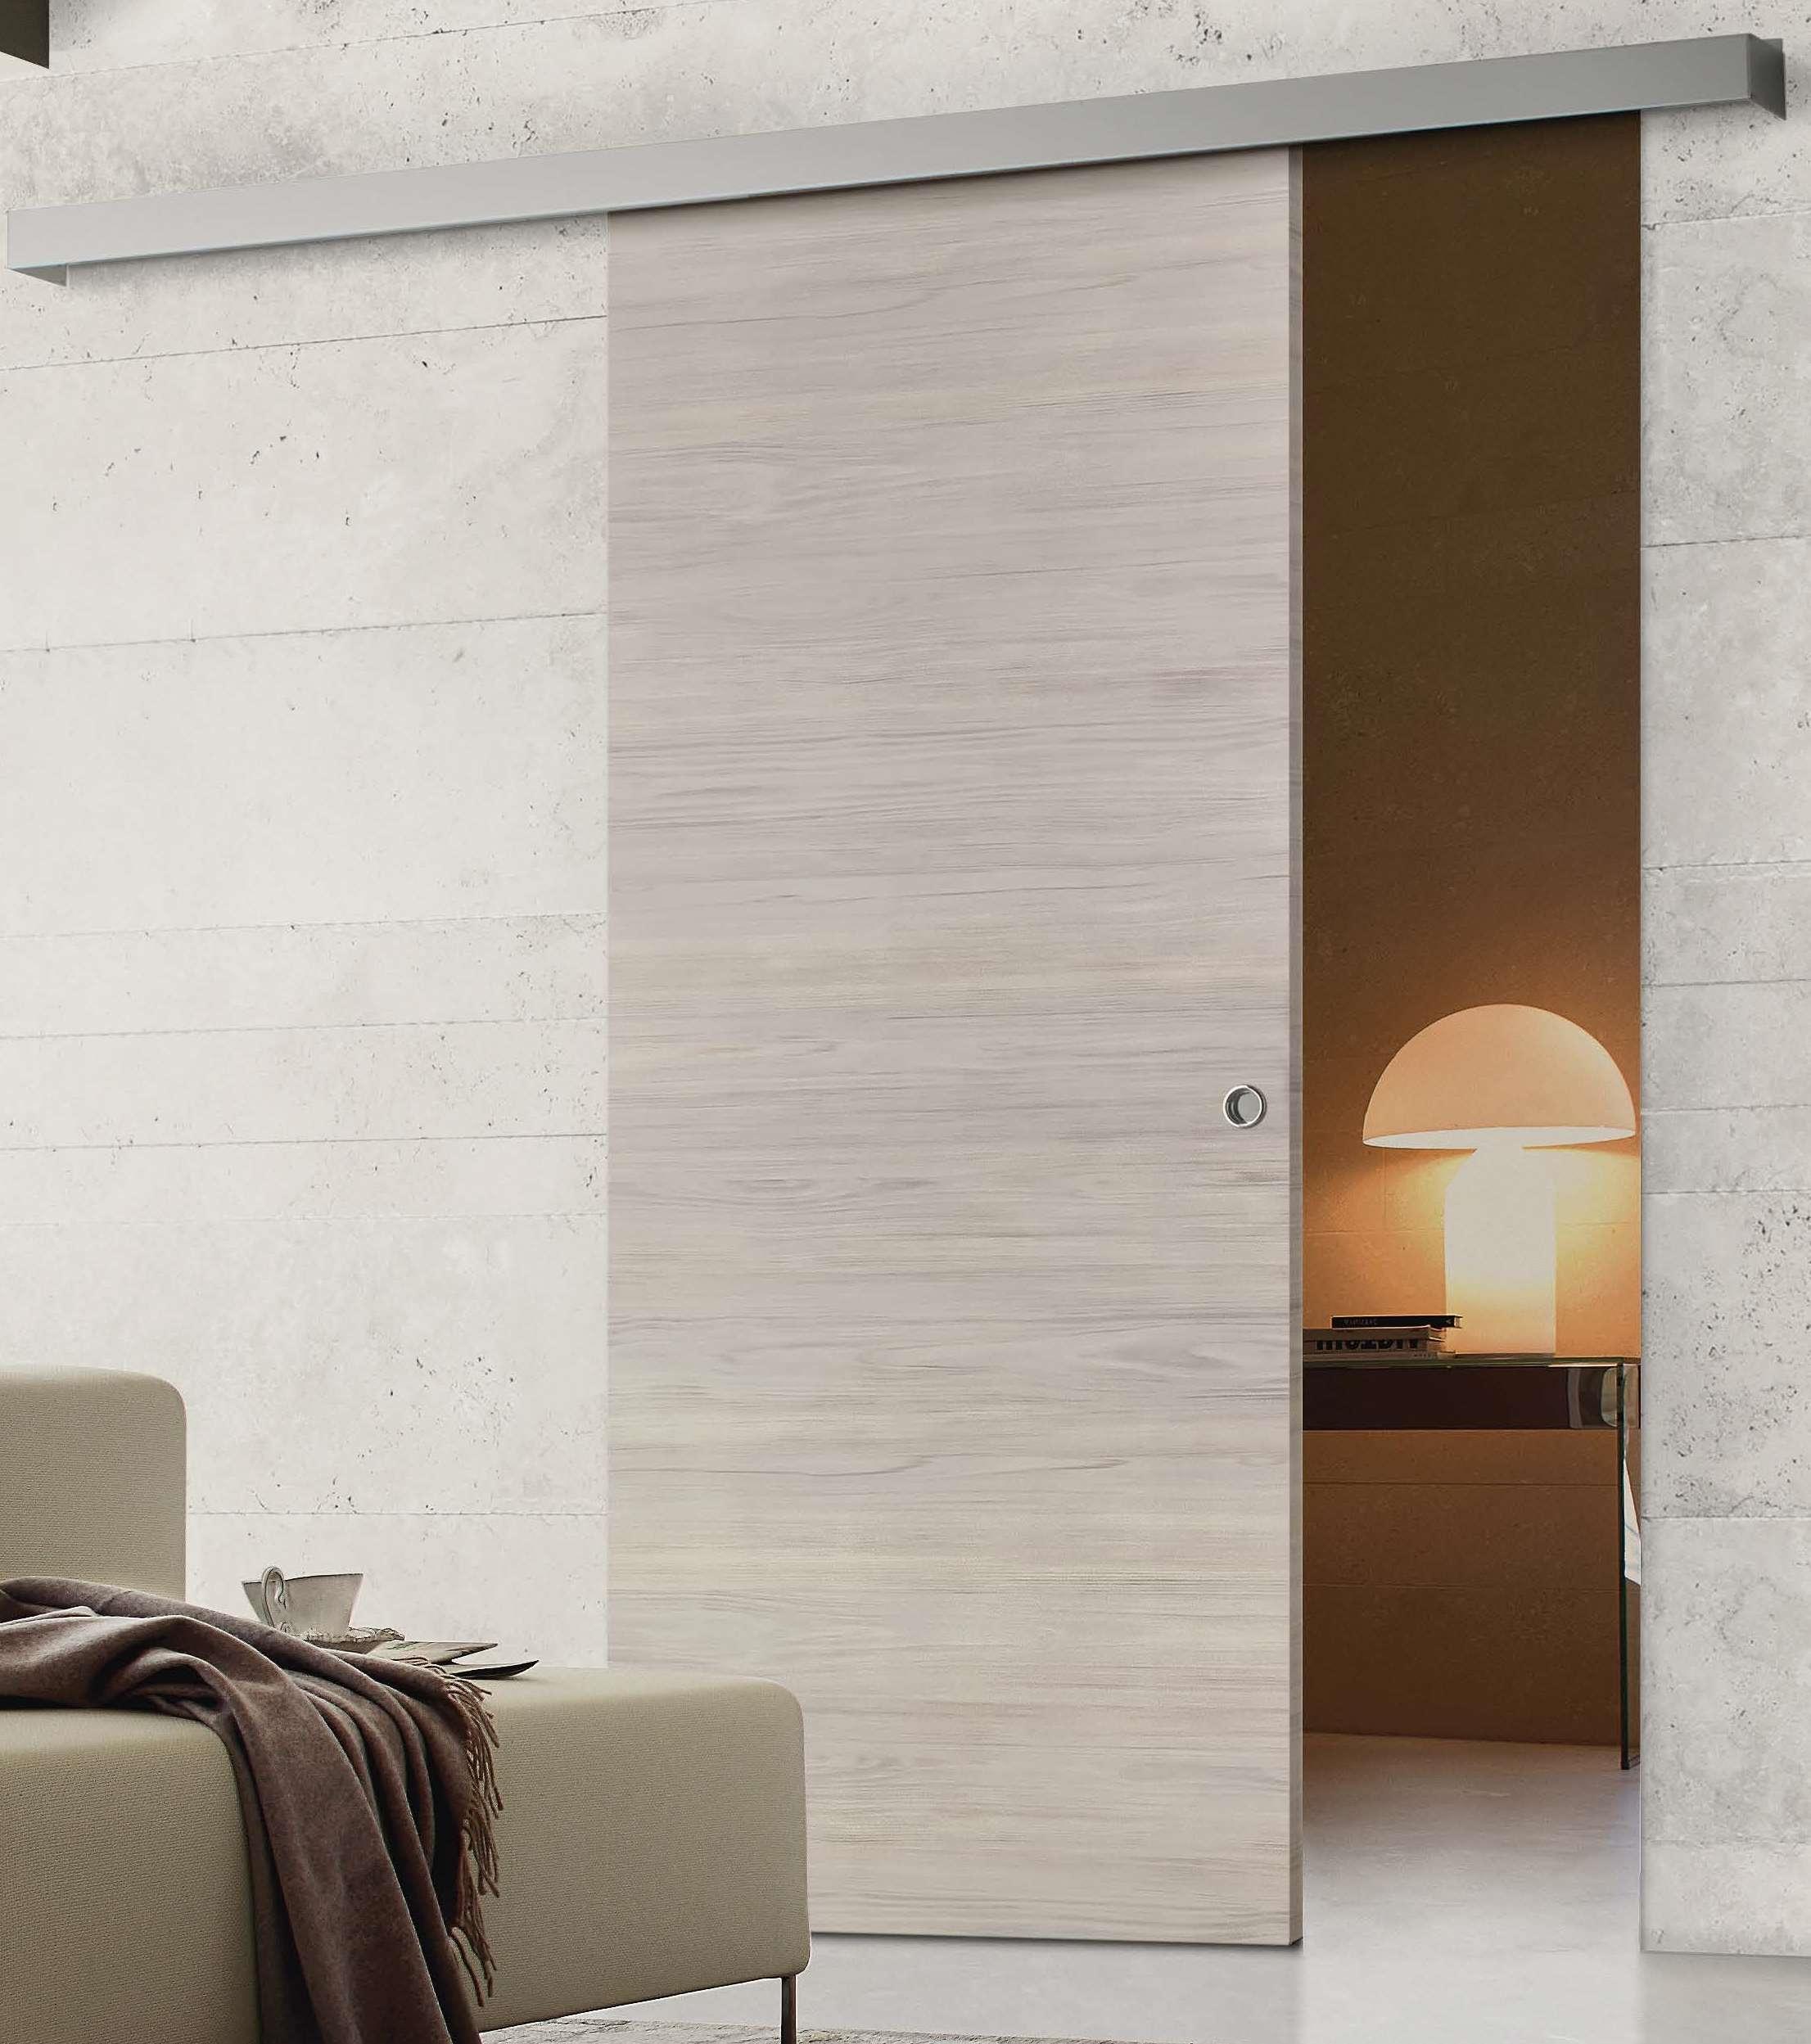 Porta scorrevole asterno muro bianca su misura porte a - Porta scorrevole esterna muro ...